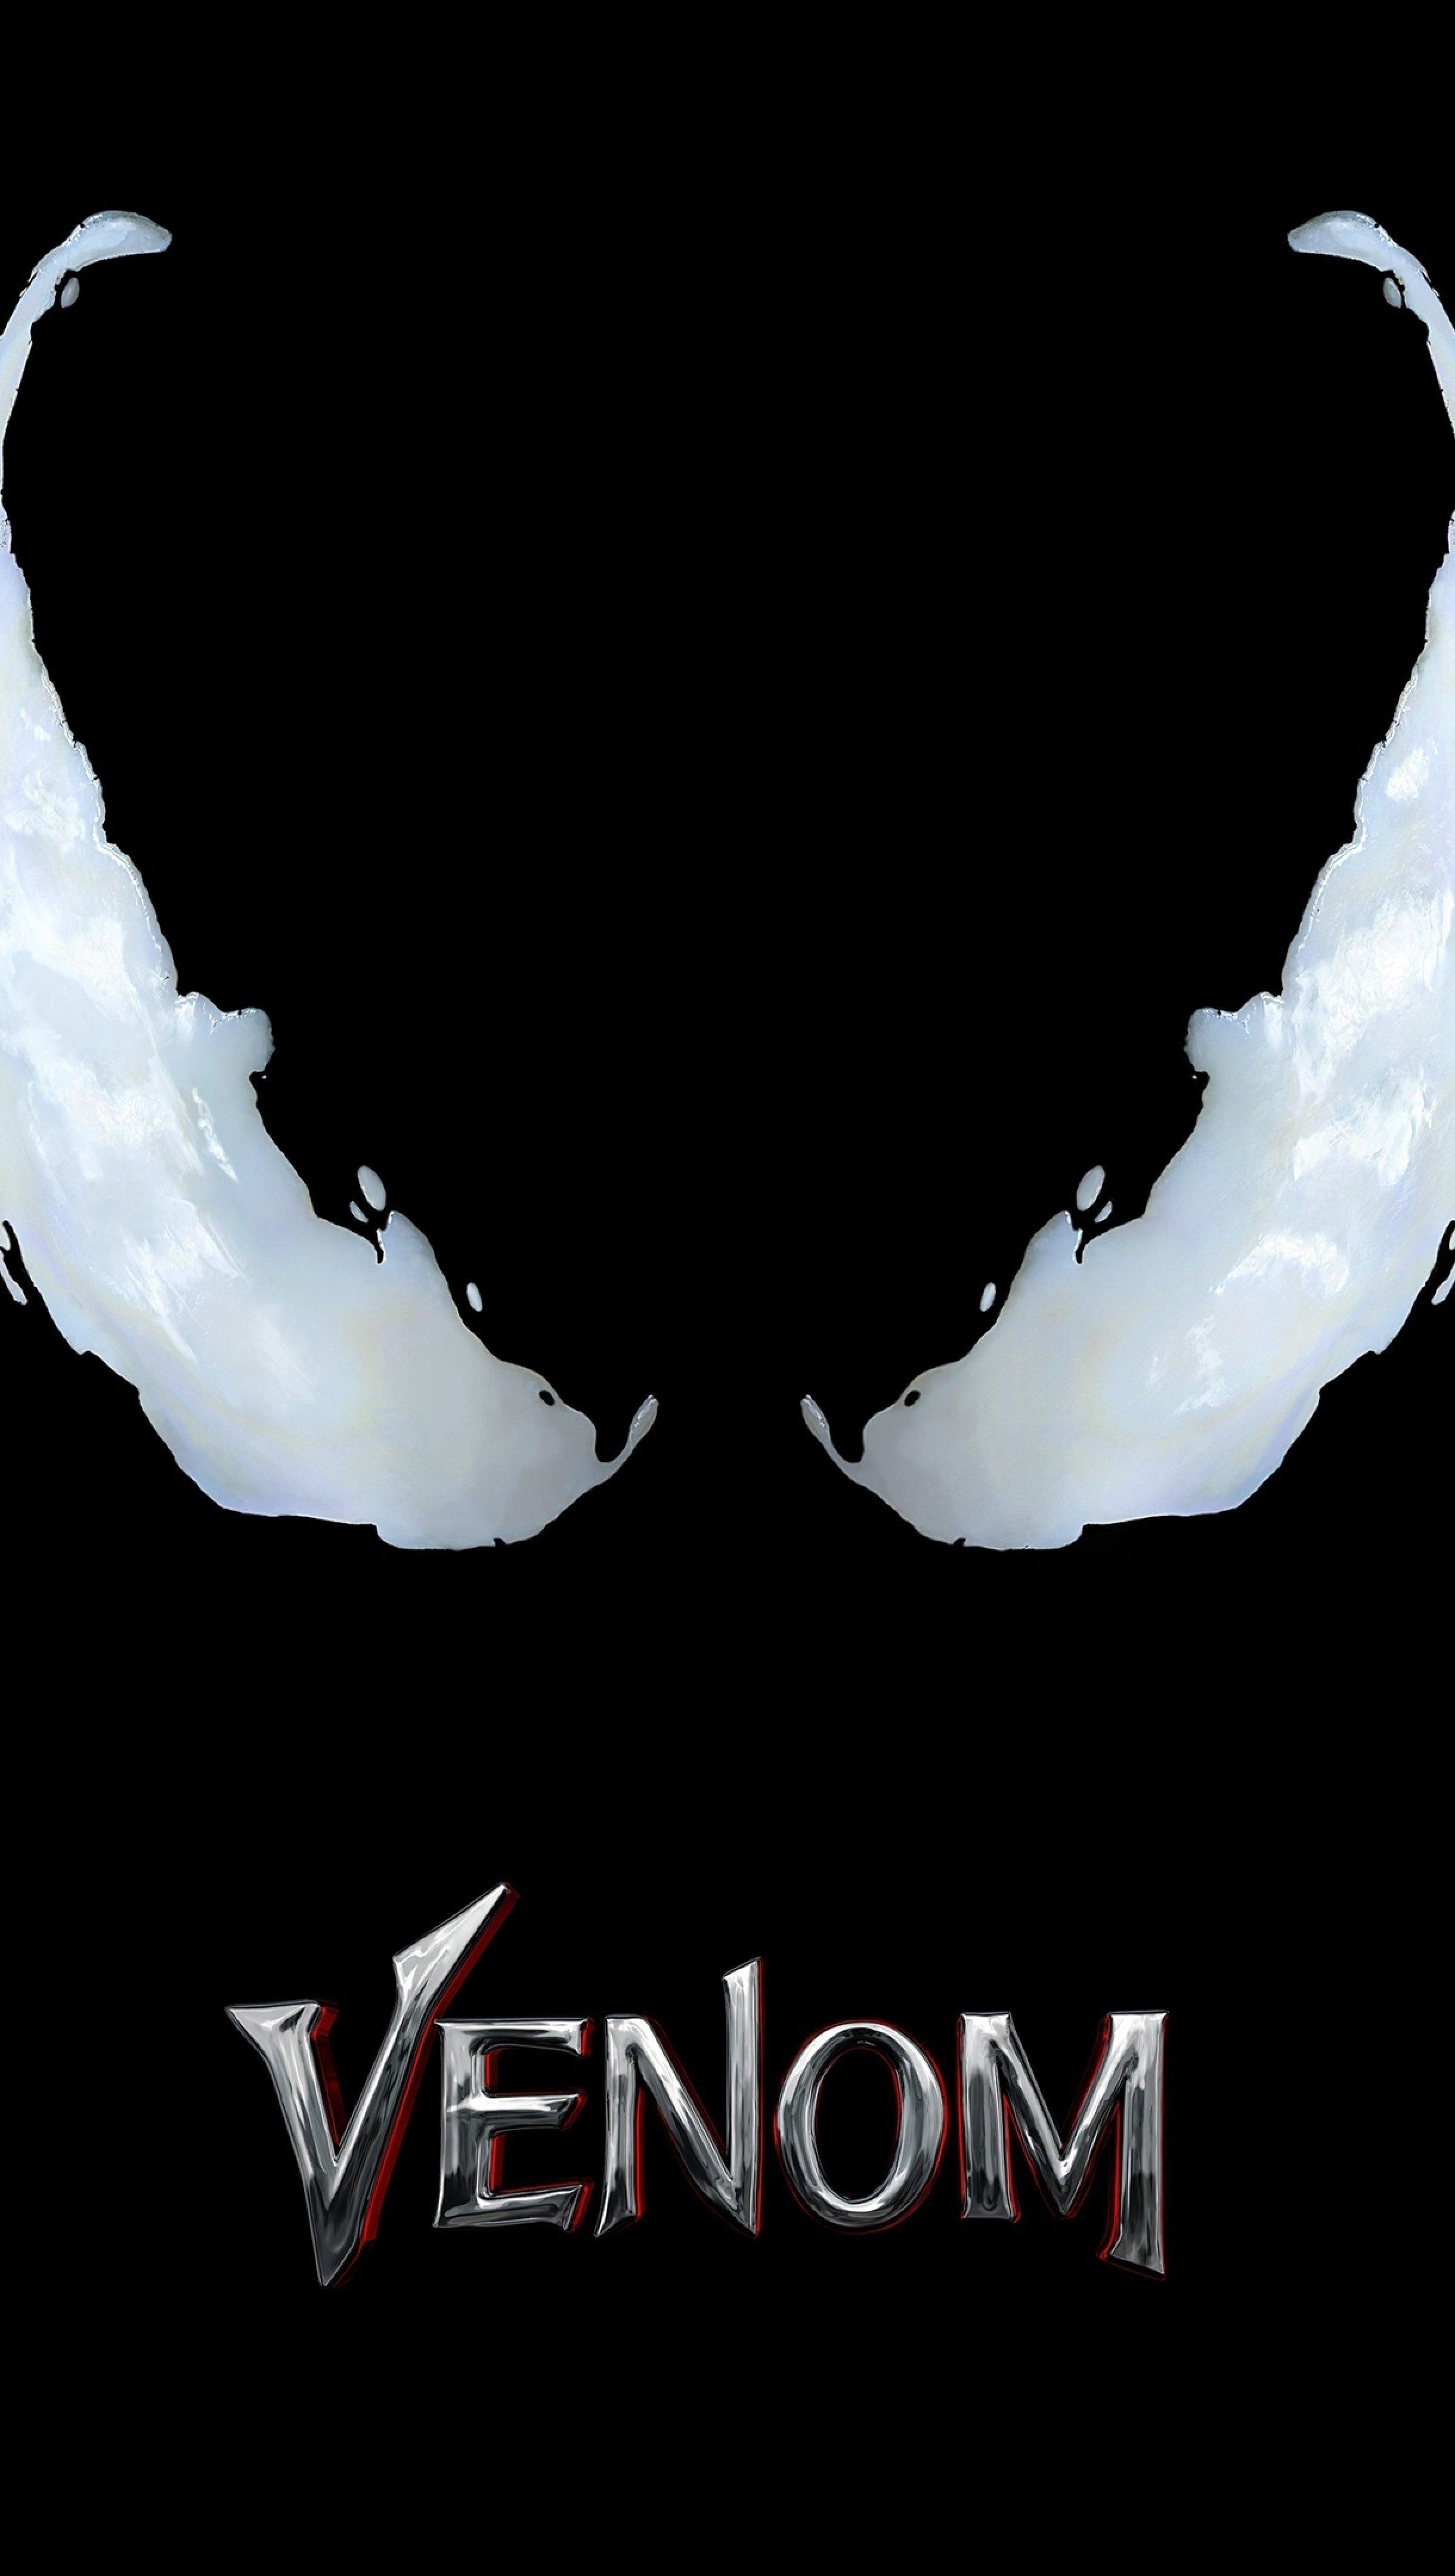 Fondos de pantalla Venom Minimalista Póster de la película Vertical